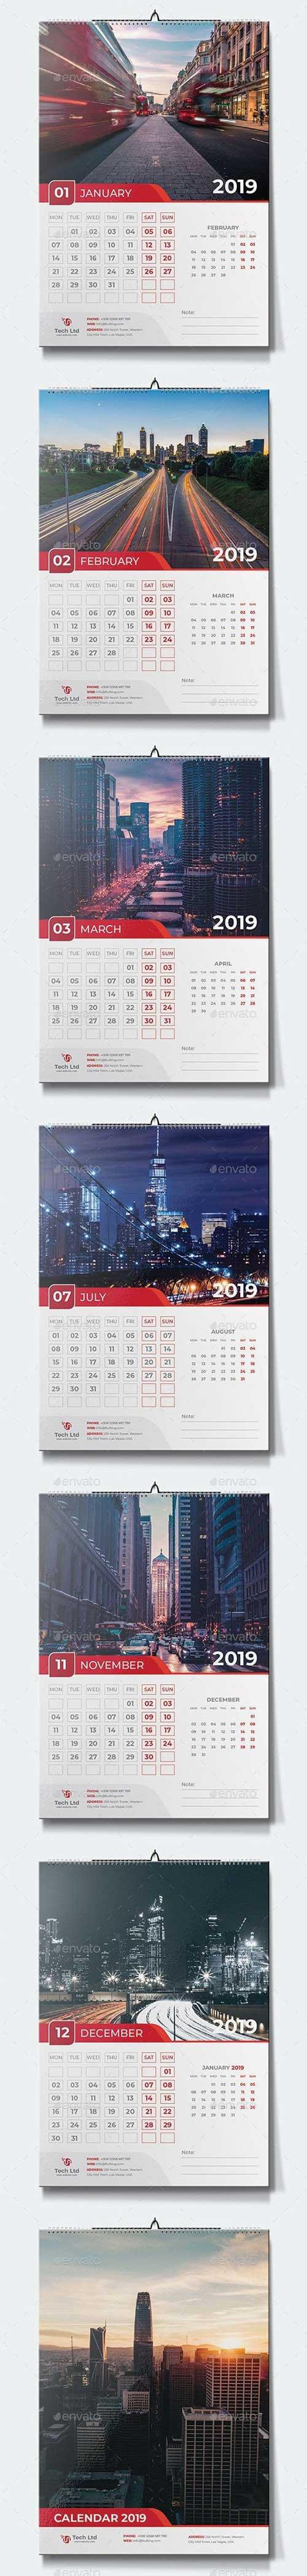 GraphicRiver - Calendar 2019 22685783